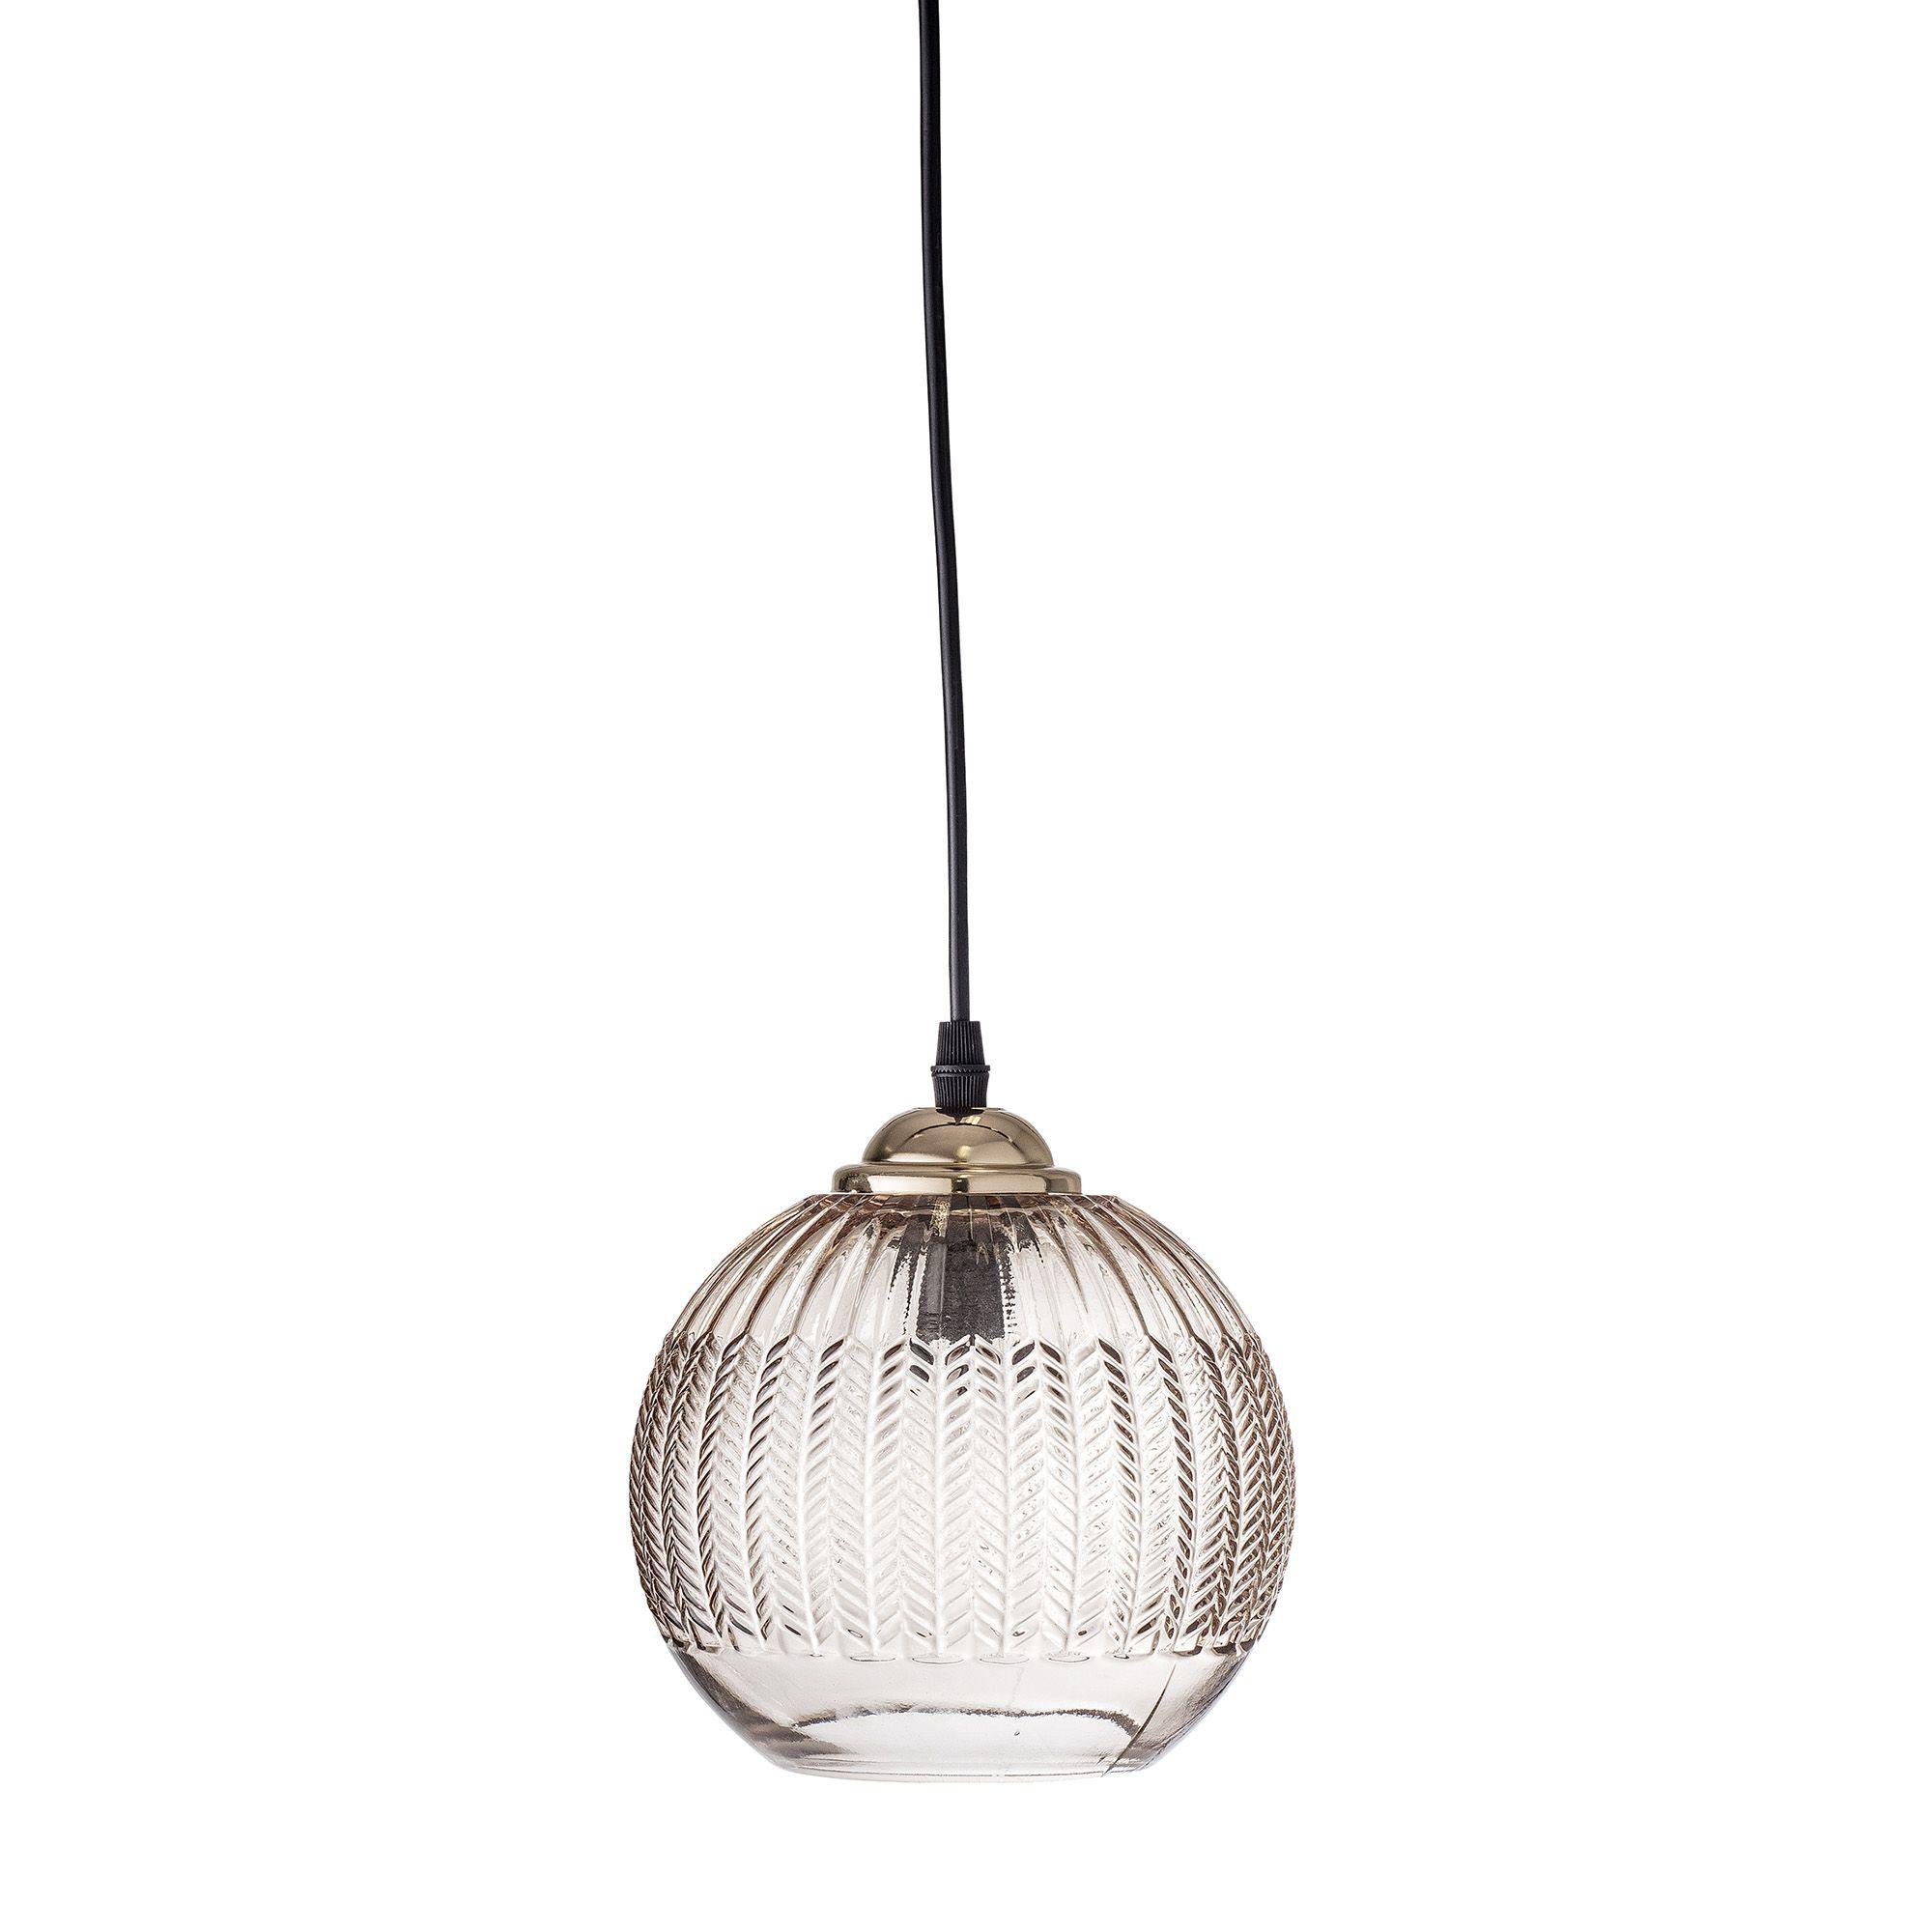 Bloomingville Kleine Retro Hangelampe Aus Glas Braun Myadele Retro Hangelampe Anhanger Lampen Glaslampen